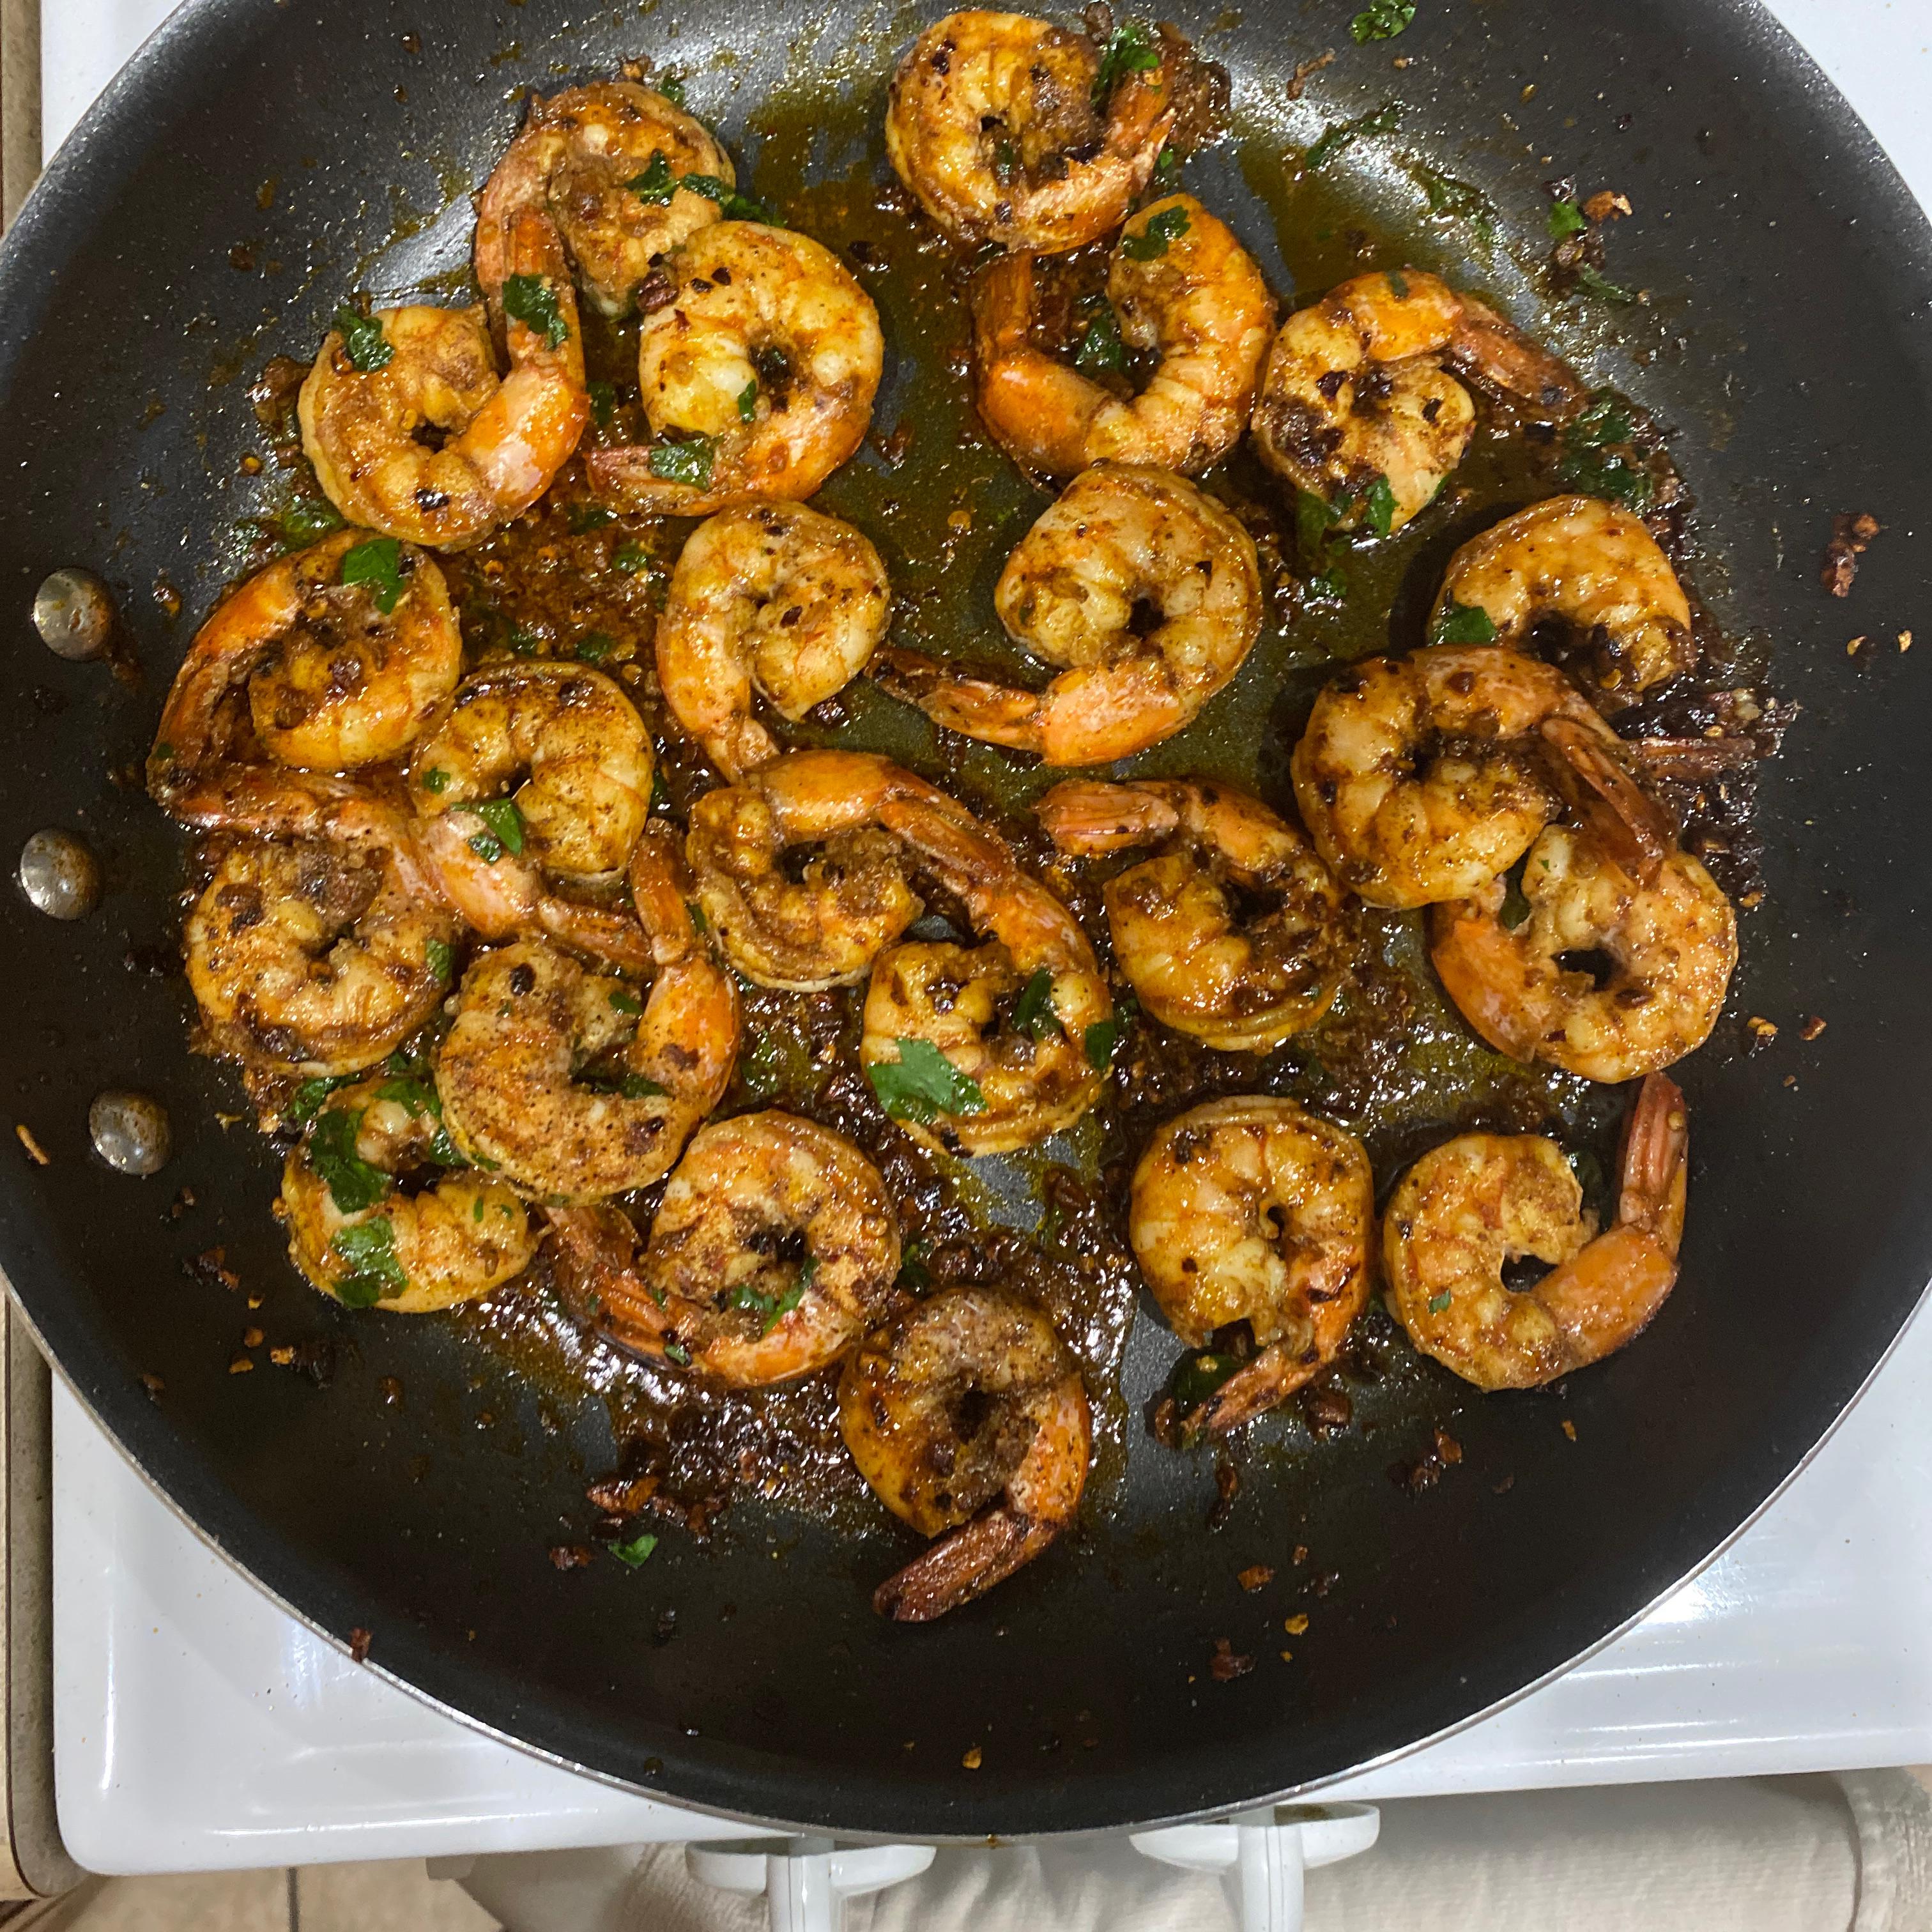 Sizzling Sherry Shrimp with Garlic Pamela Neri